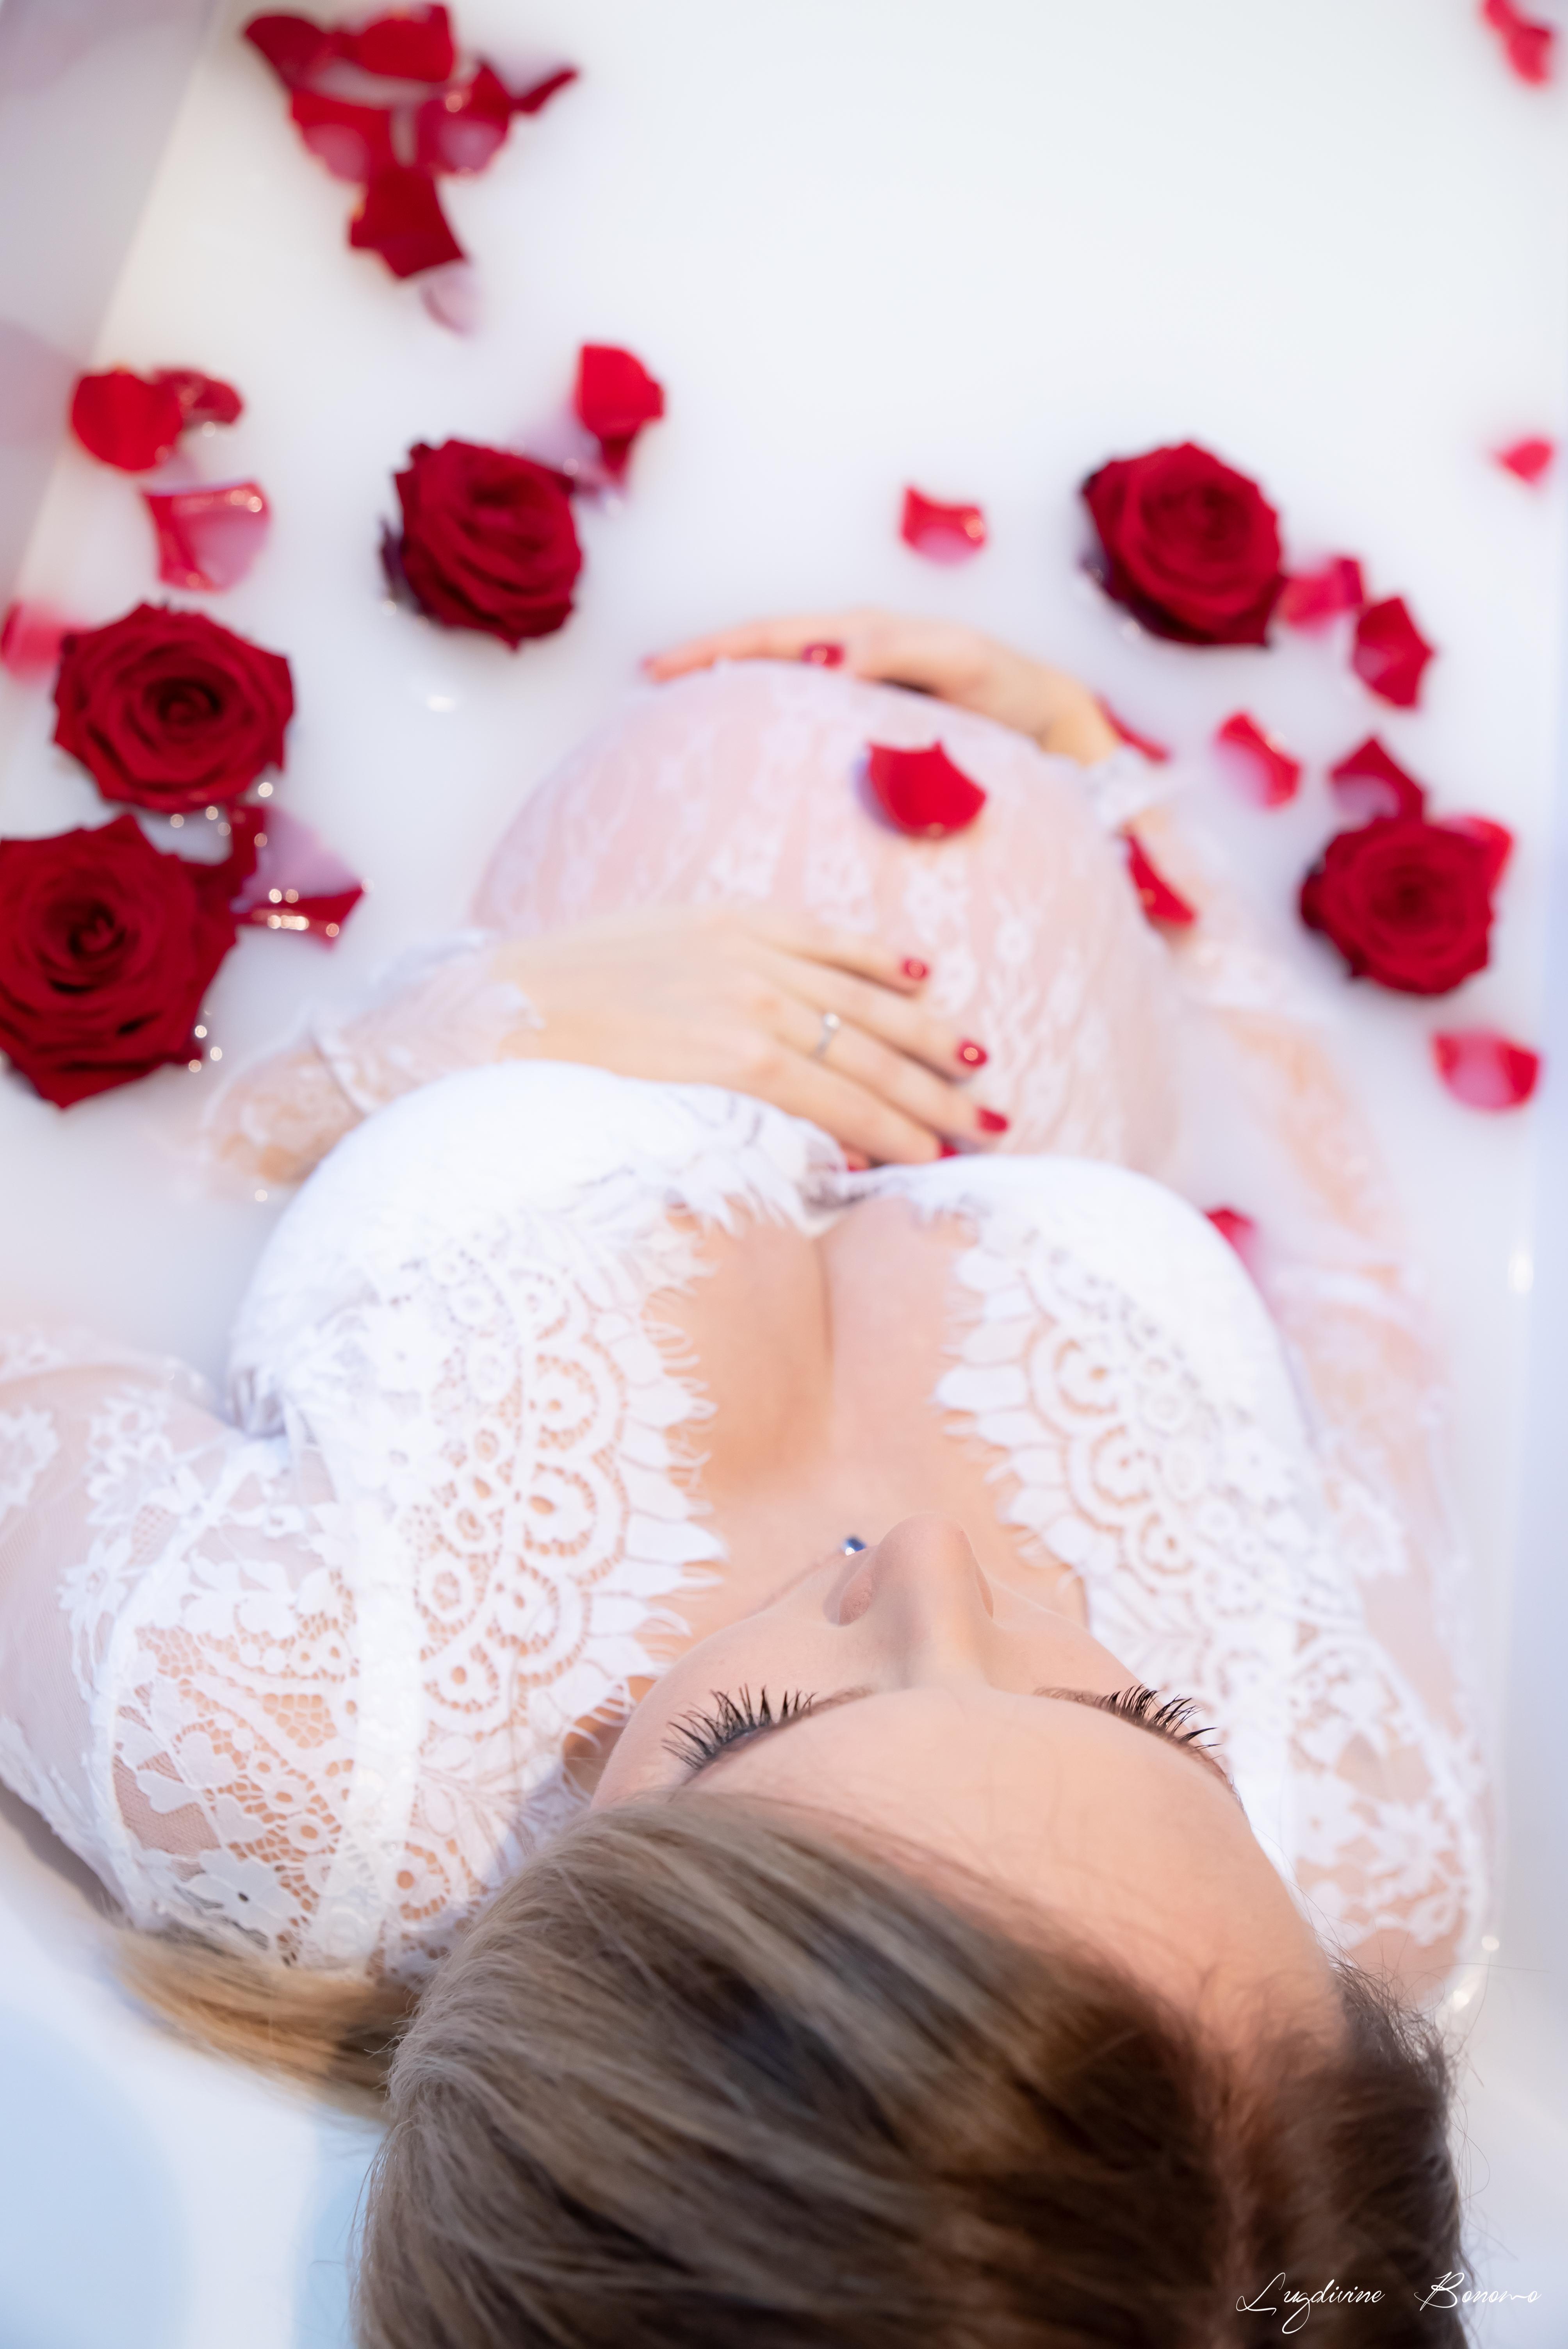 bain de lait femme fleur fraîche